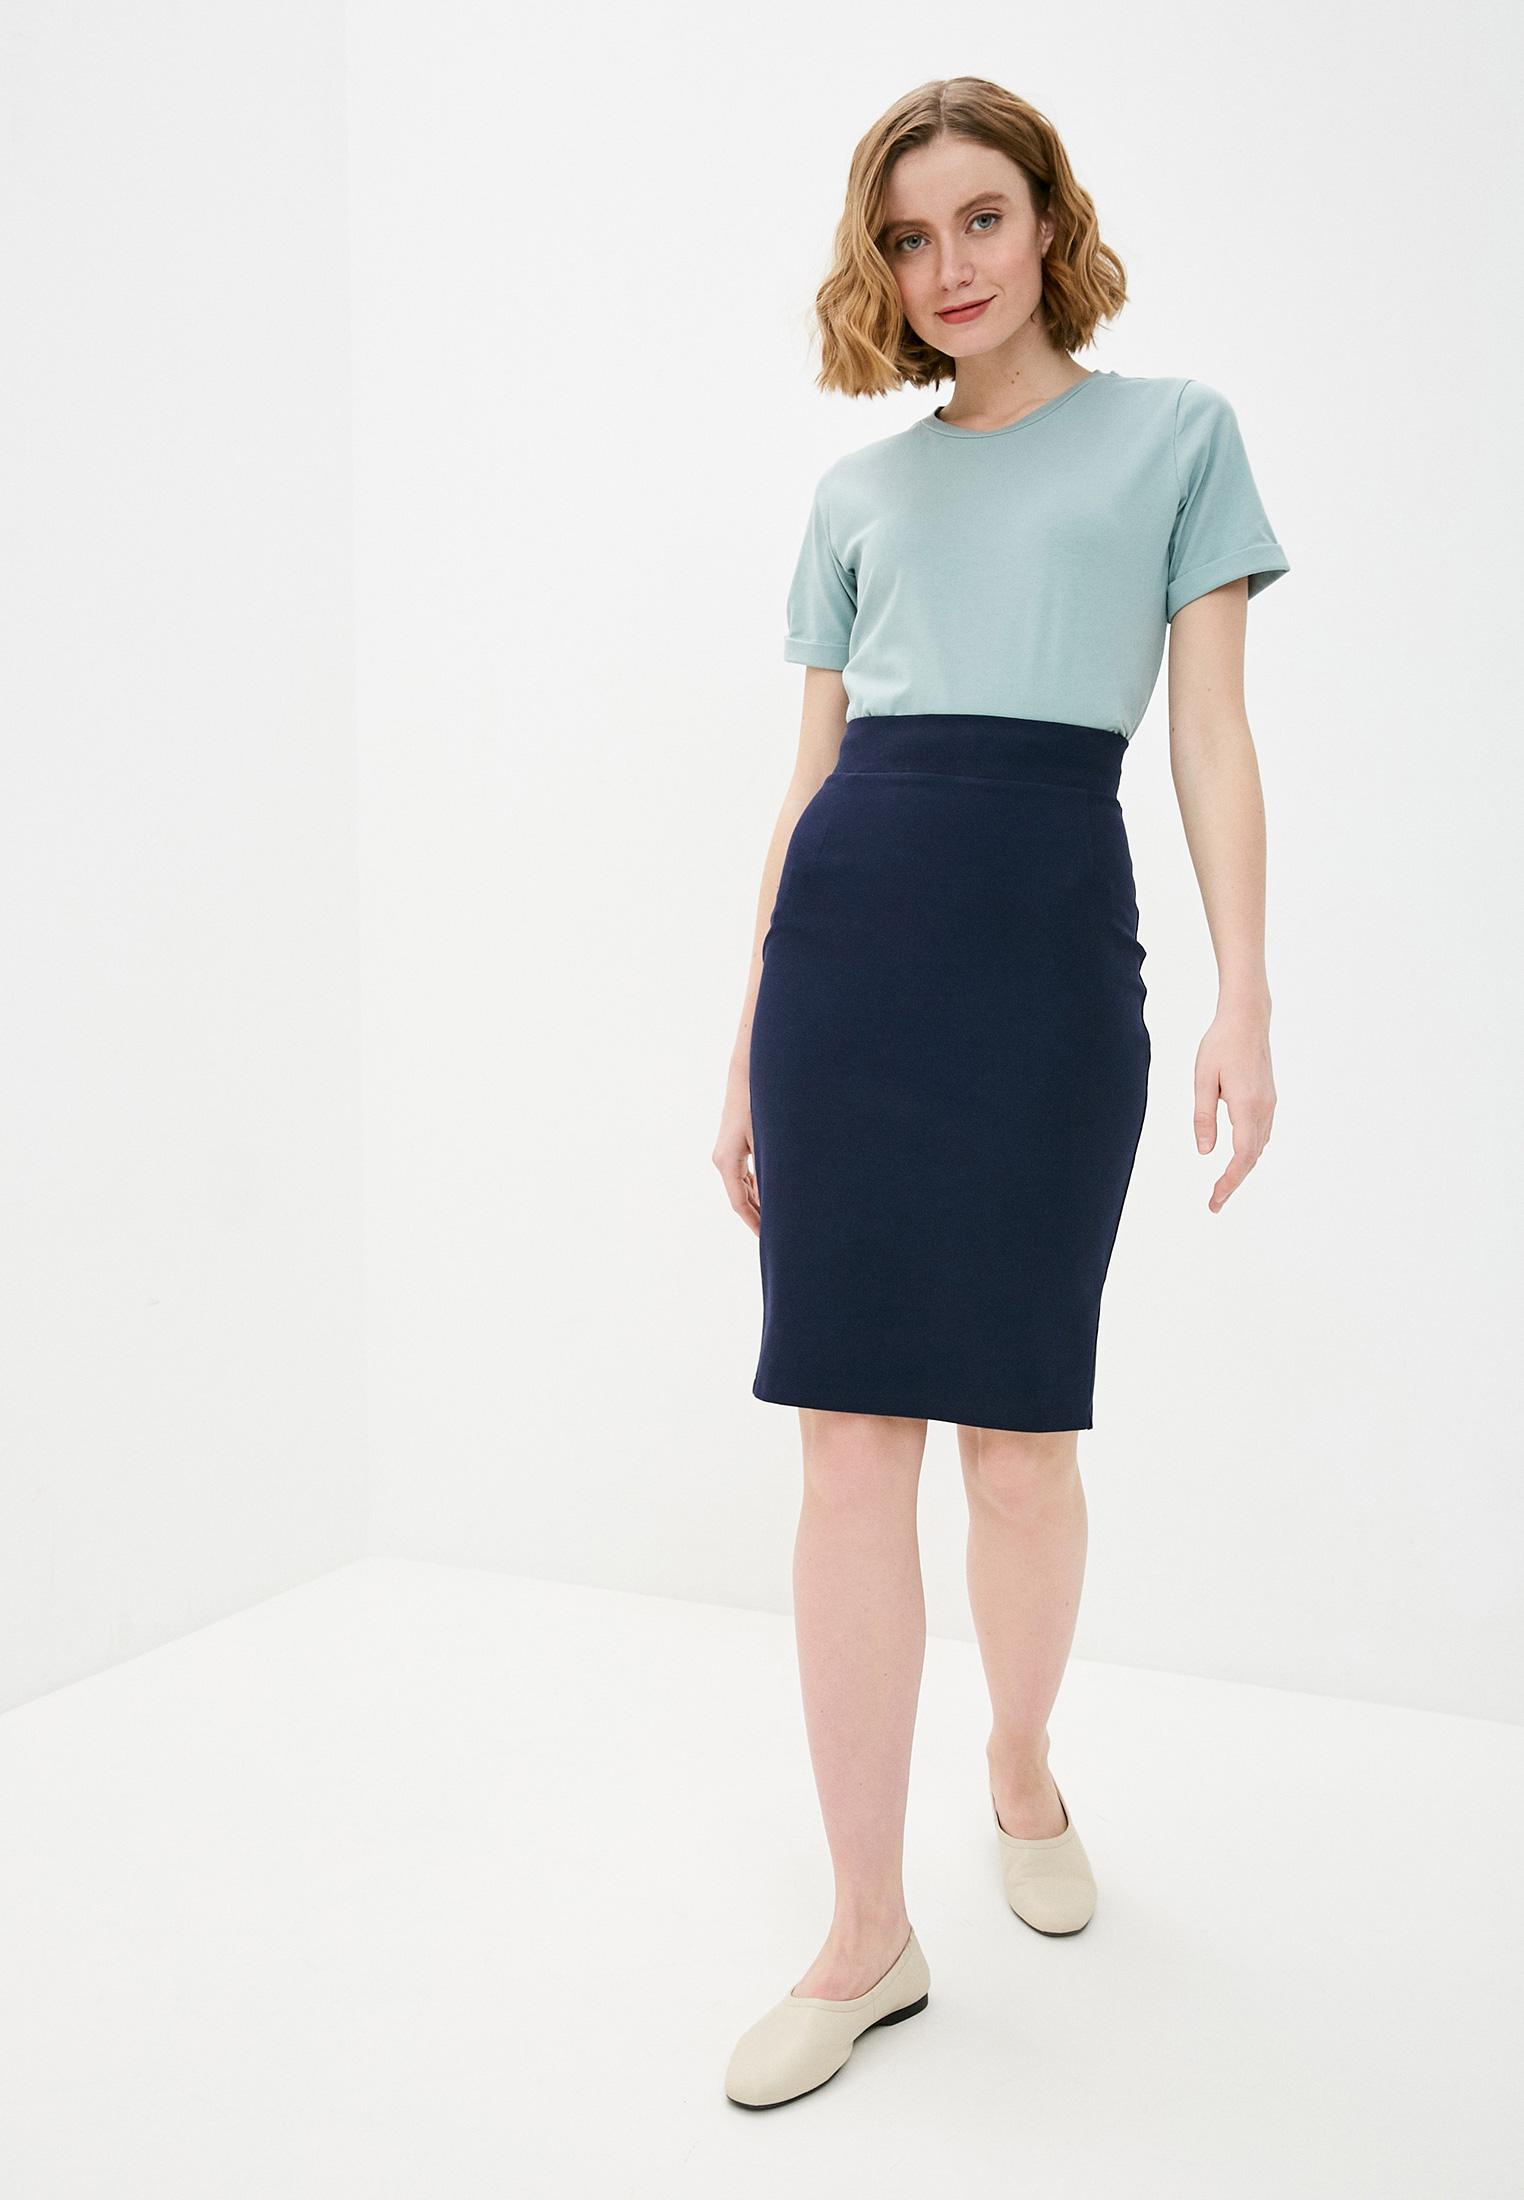 Прямая юбка Toku Tino TT8518025/: изображение 2